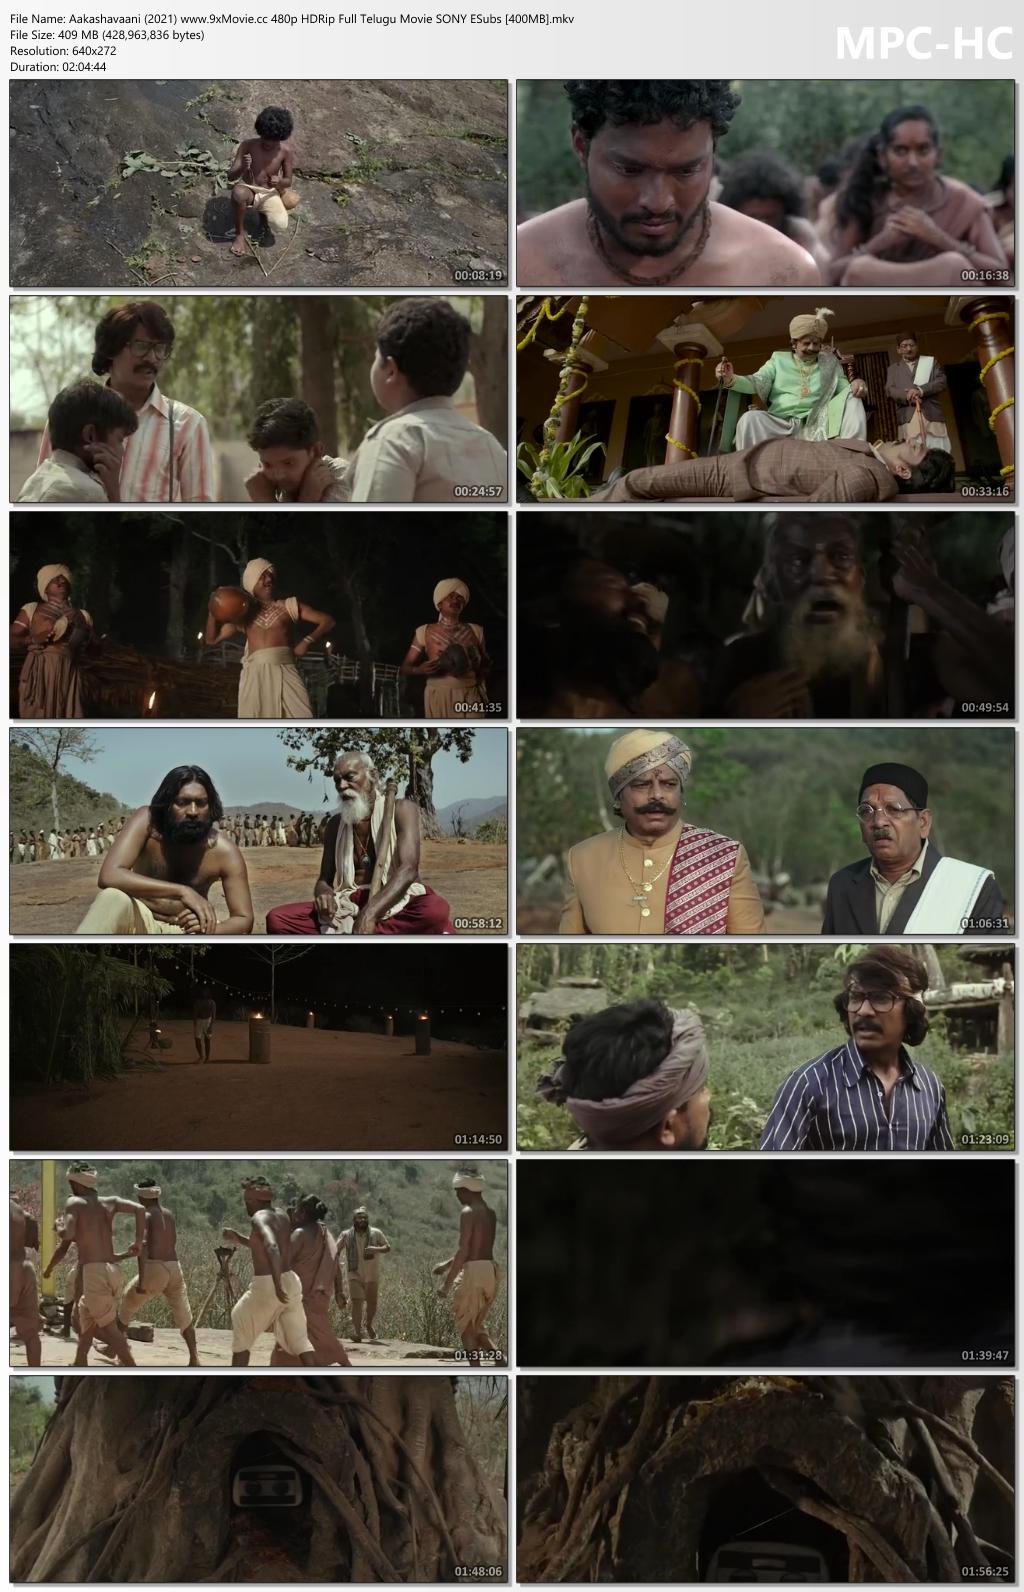 Aakashavaani-2021-www-9x-Movie-cc-480p-HDRip-Full-Telugu-Movie-SONY-ESubs-400-MB-mkv